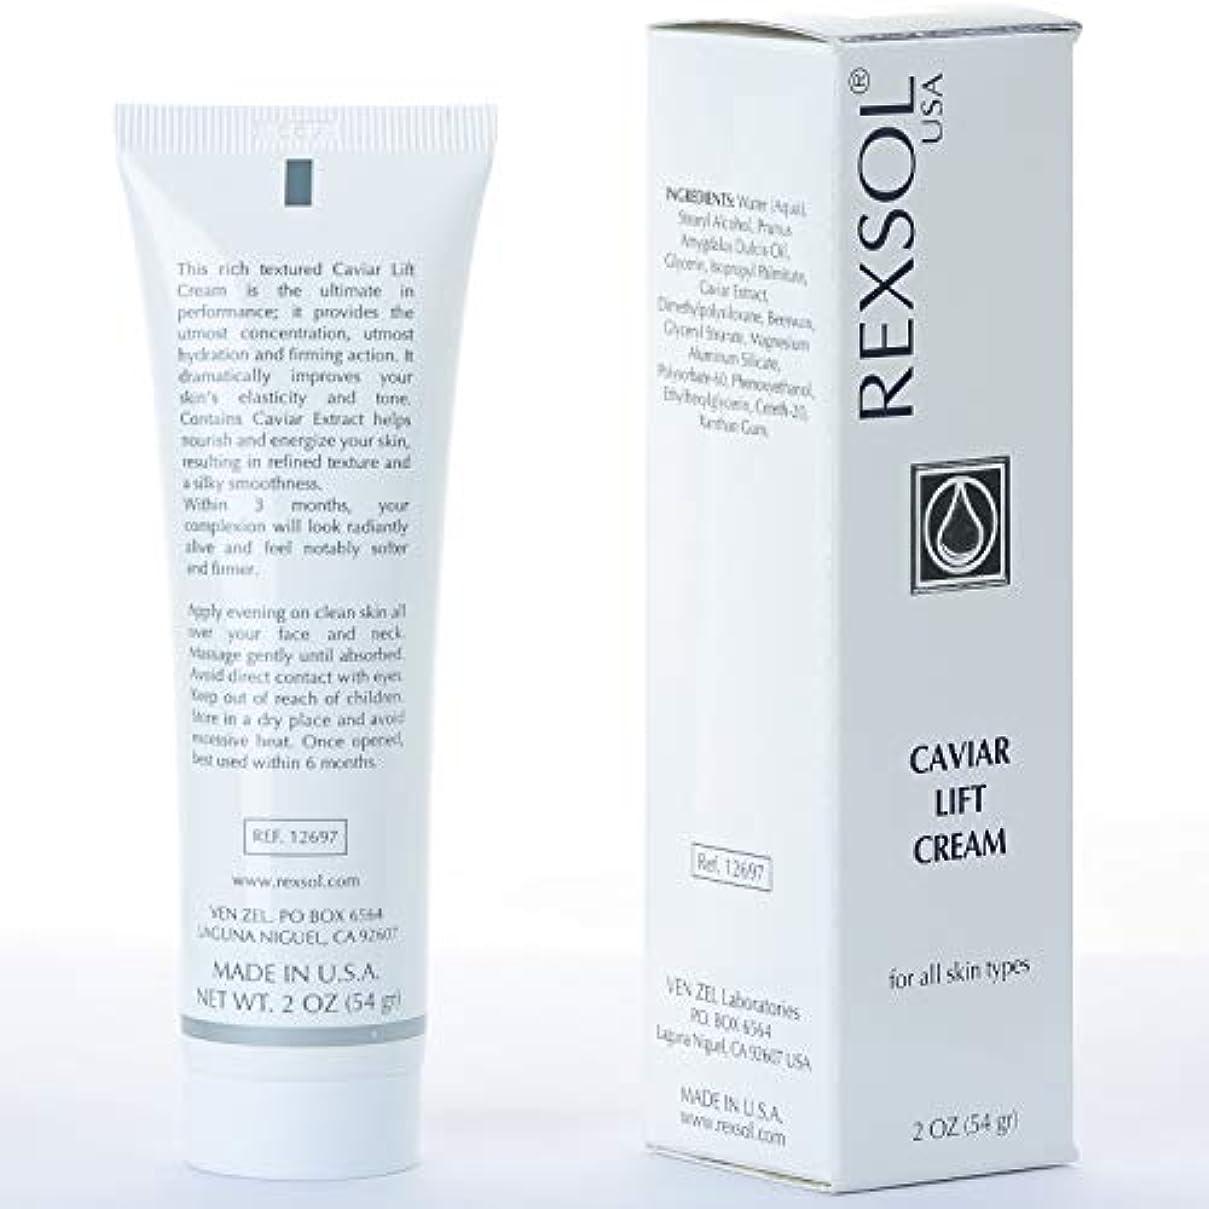 一緒に通常慣れているREXSOL Caviar Lift Cream   Contains Prunus Amygdalus Dulcis Oil, Glycerin, Beeswax & Caviar Extract   あなたの肌の弾力とトーンを改善します。  最高の水分補給作用(54 gr/2 fl oz)